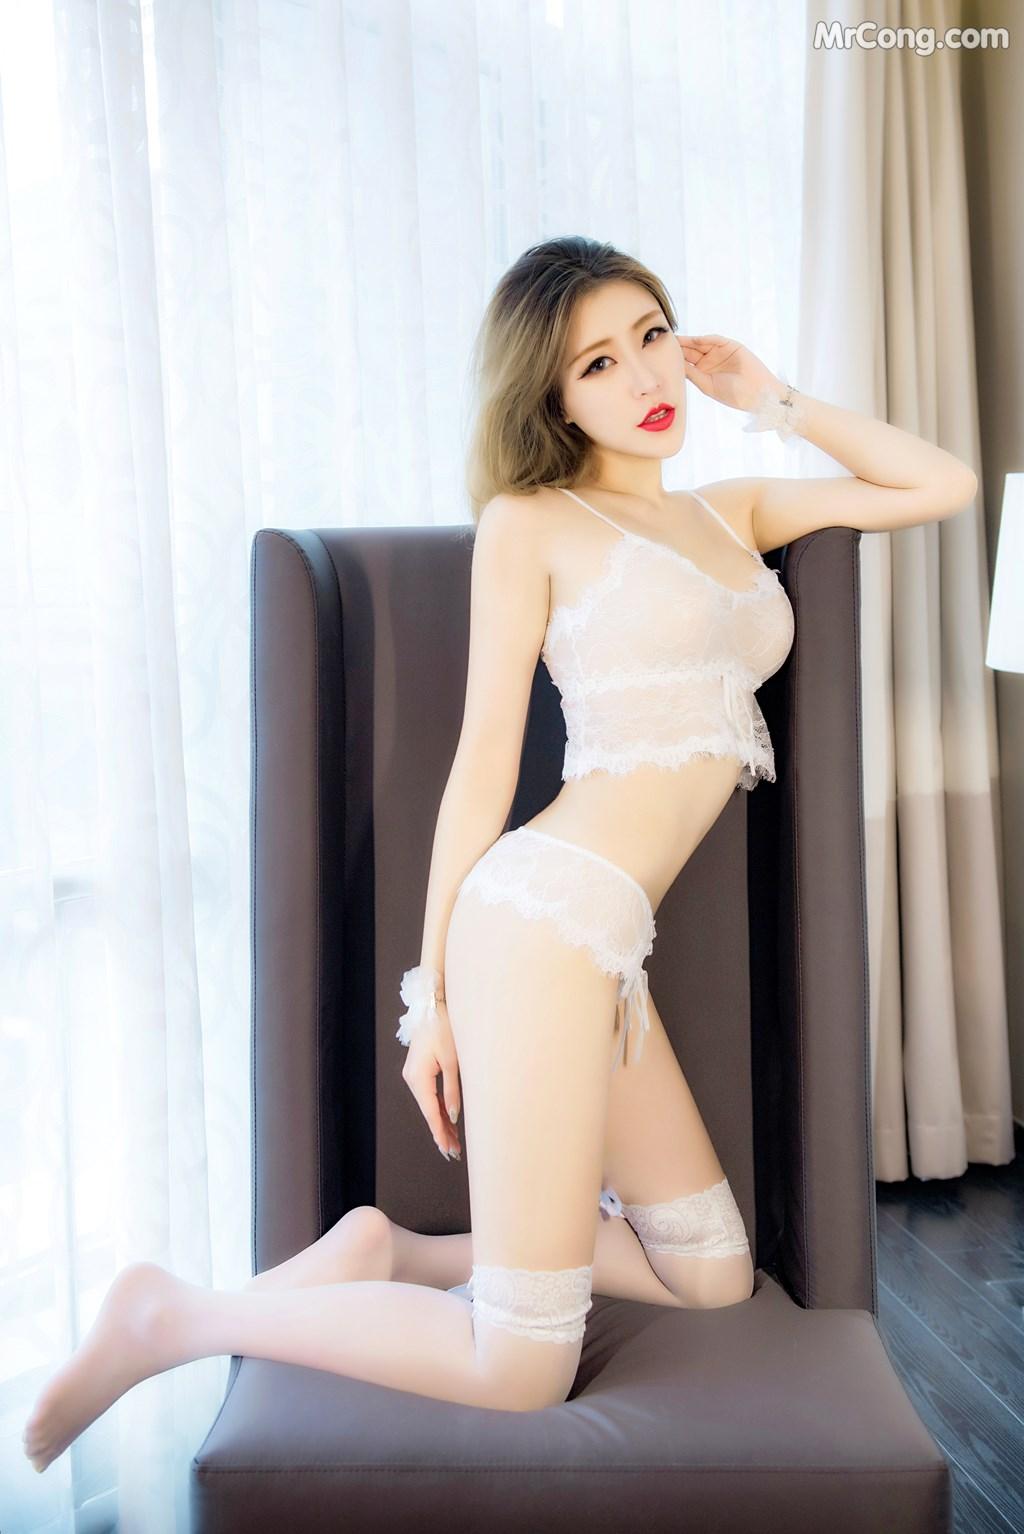 Image SLADY-2017-05-25-No.003-Zhao-Huan-Yan-MrCong.com-003 in post SLADY 2017-05-25 No.003: Người mẫu Zhao Huan Yan (赵欢颜) (46 ảnh)